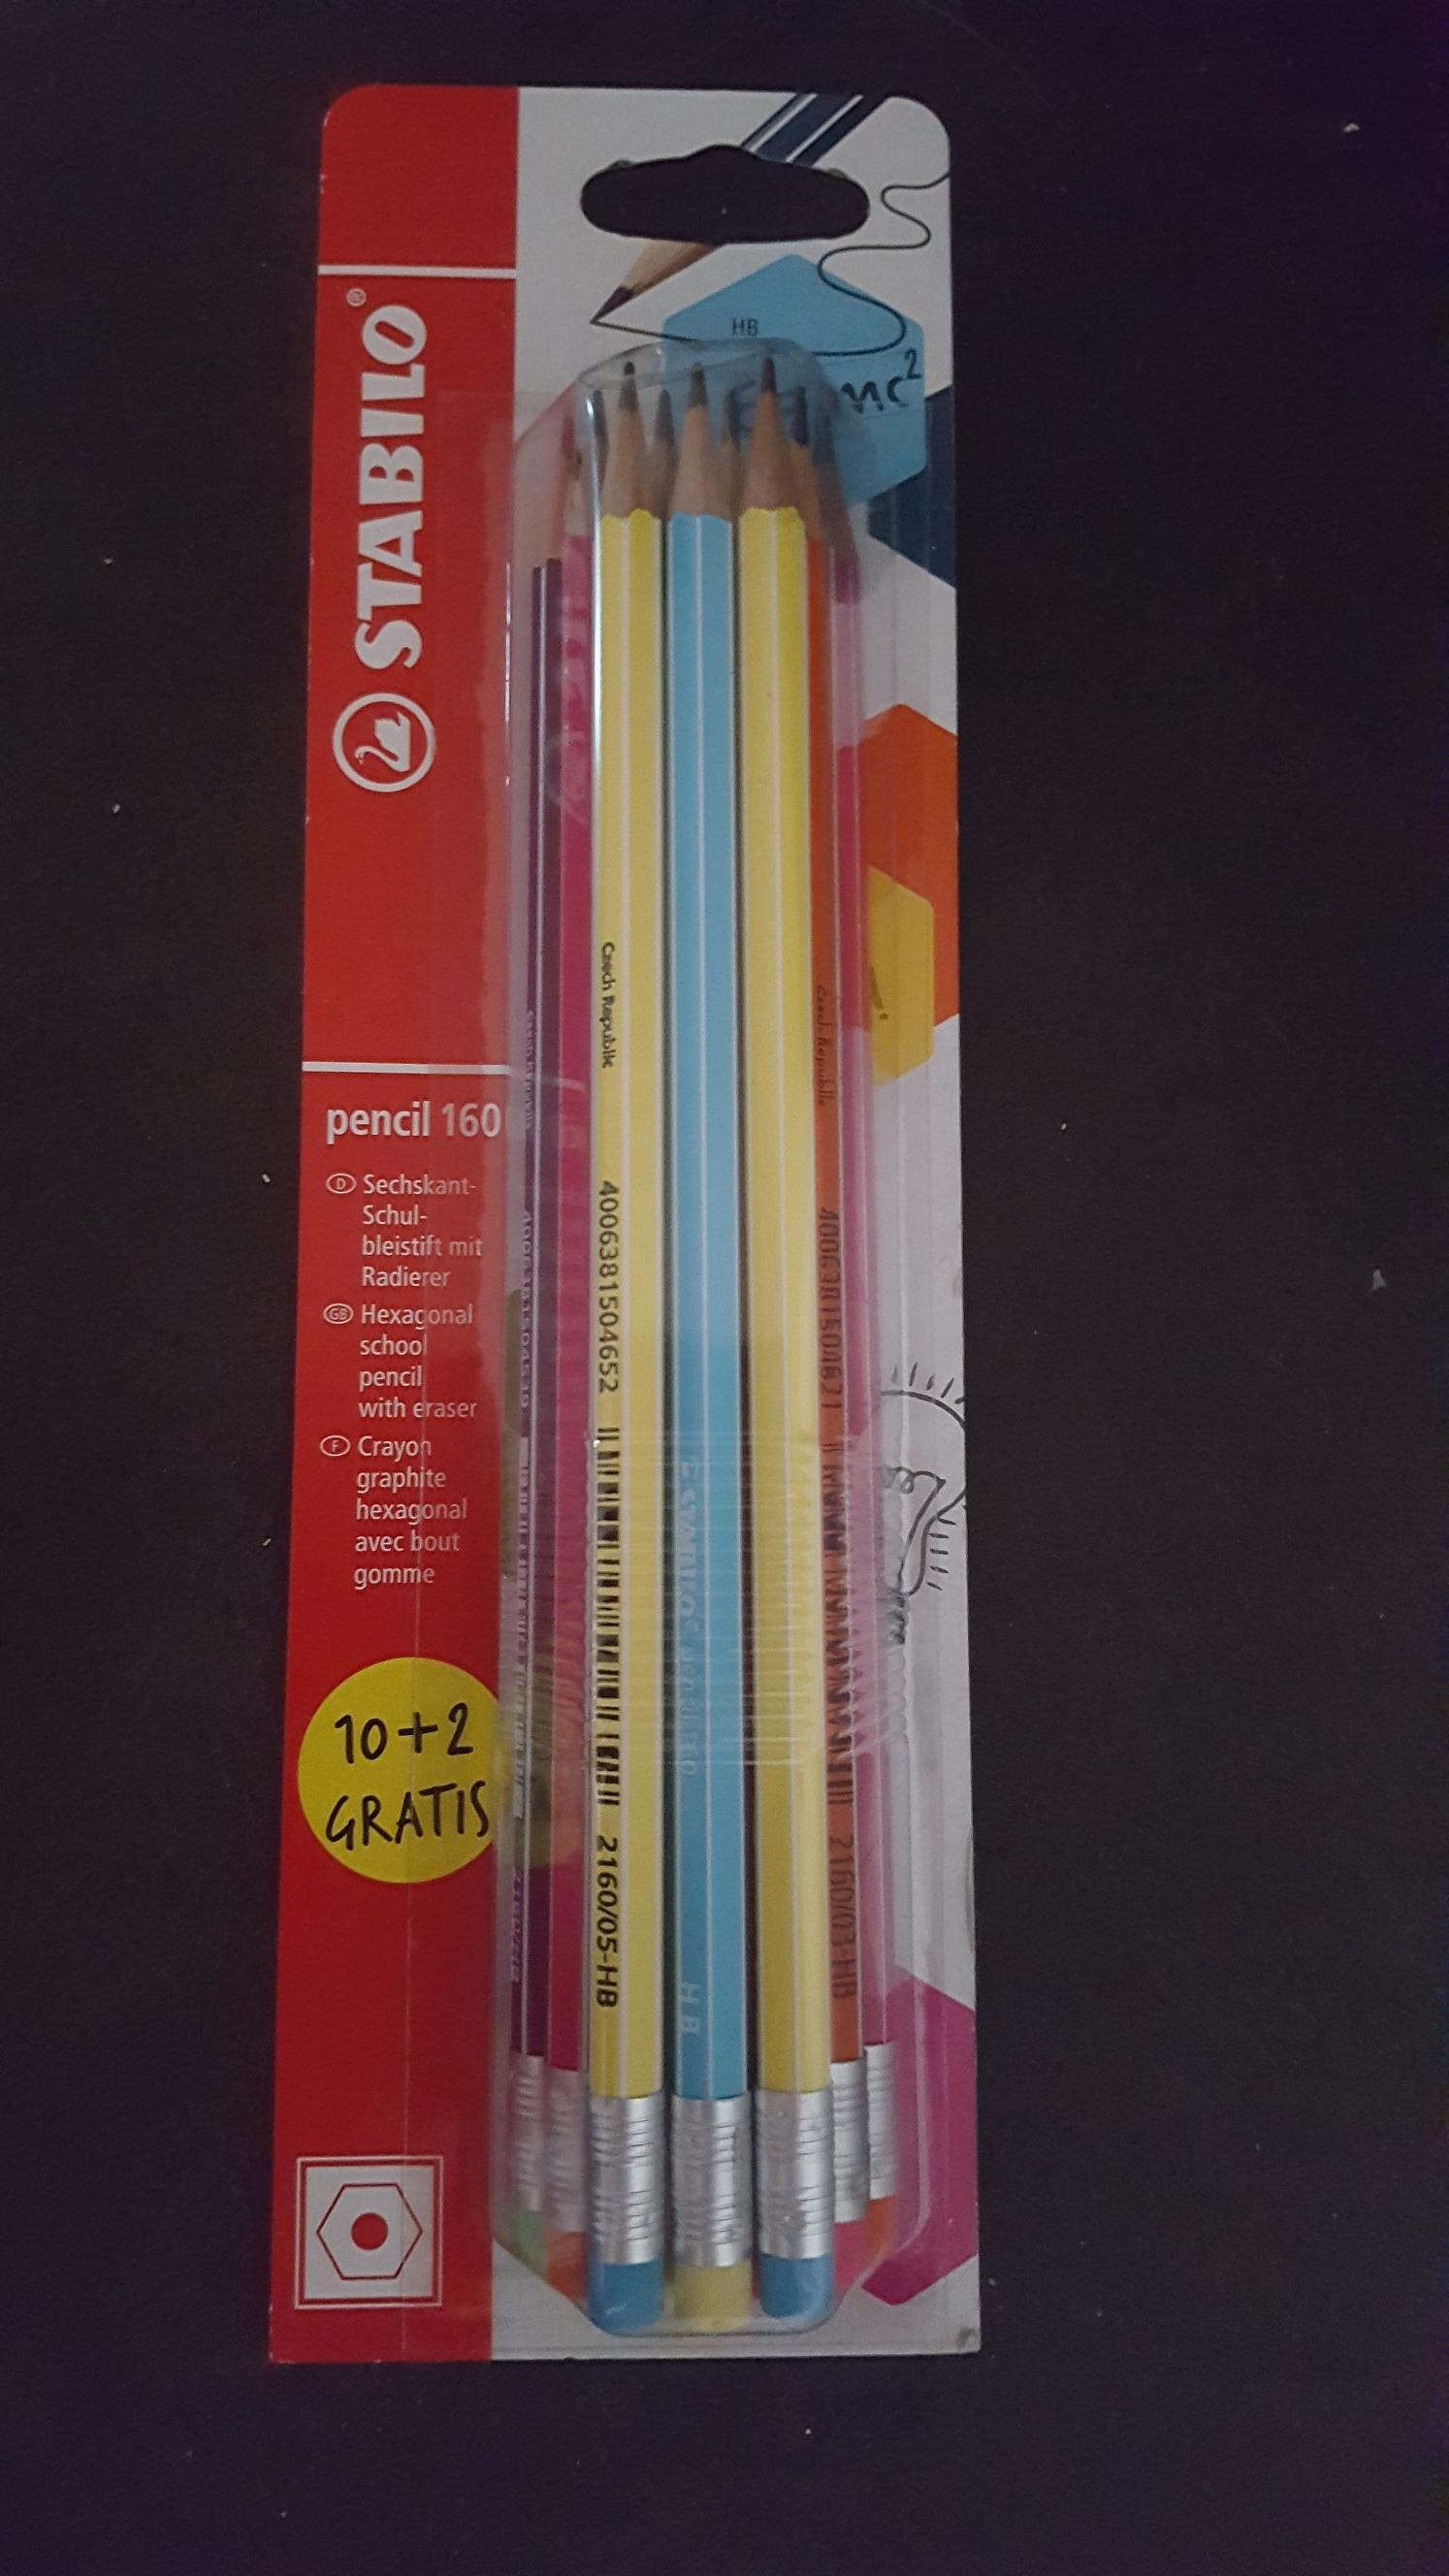 Stabilo Bleistifte 10+2 Stück mit Radierer, Pencil 160 (Metro)